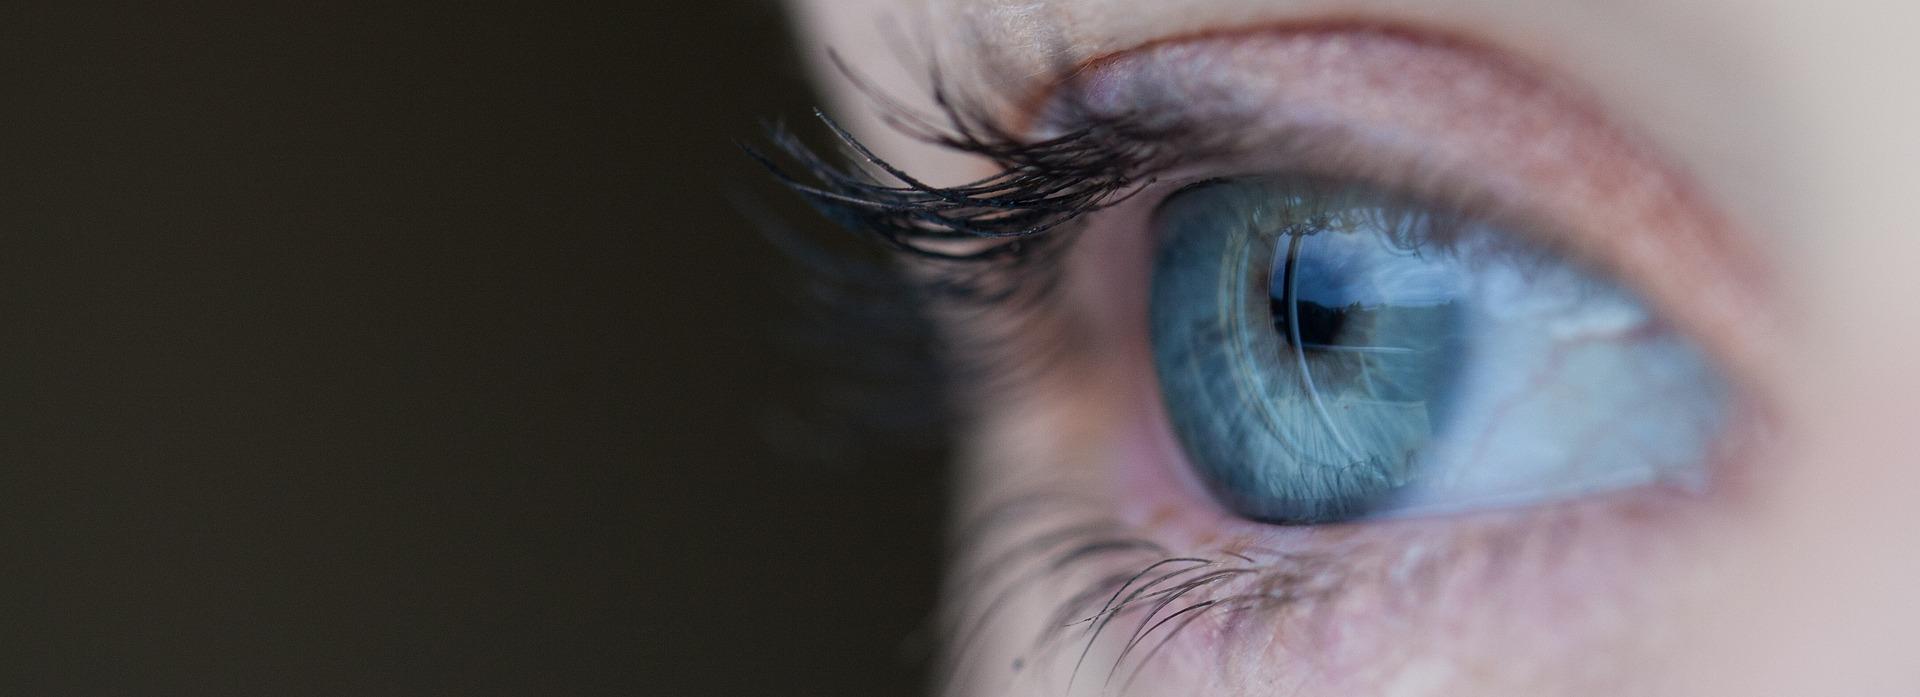 eye-691269_1920